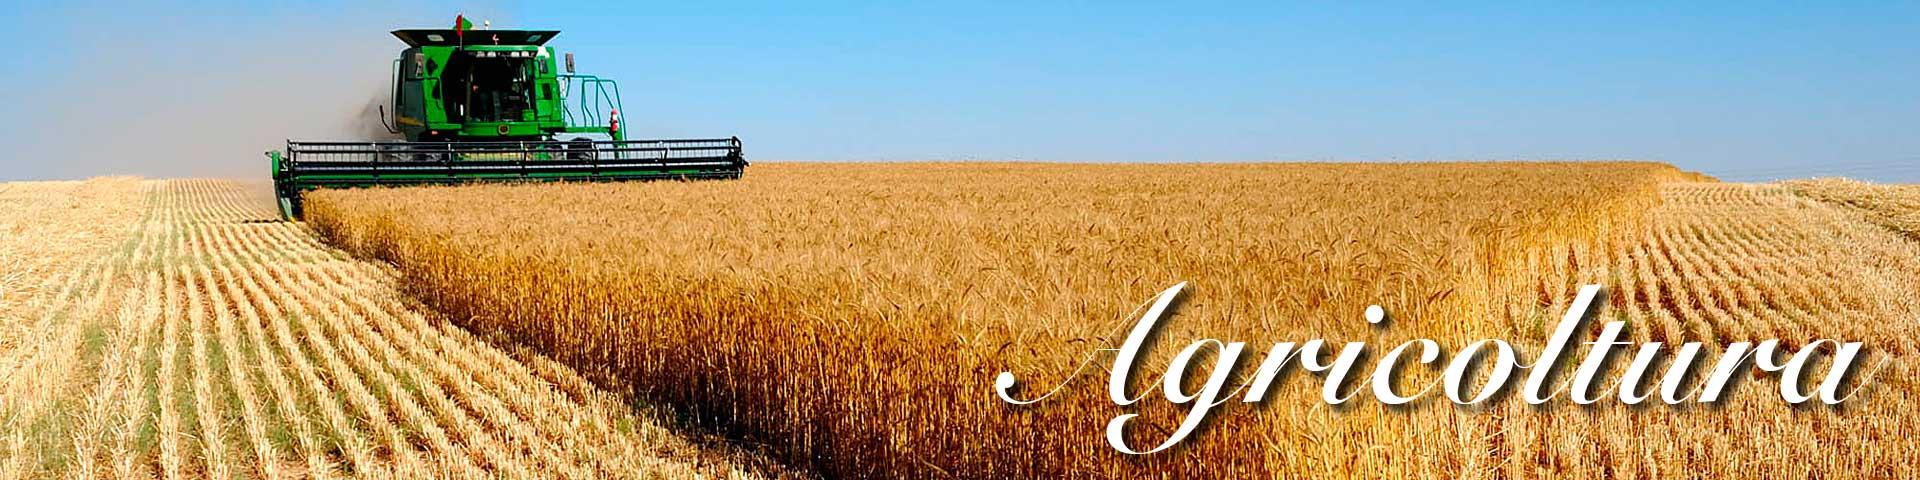 Vendita online prodotti agricoli ed attrezzature per agricoltura